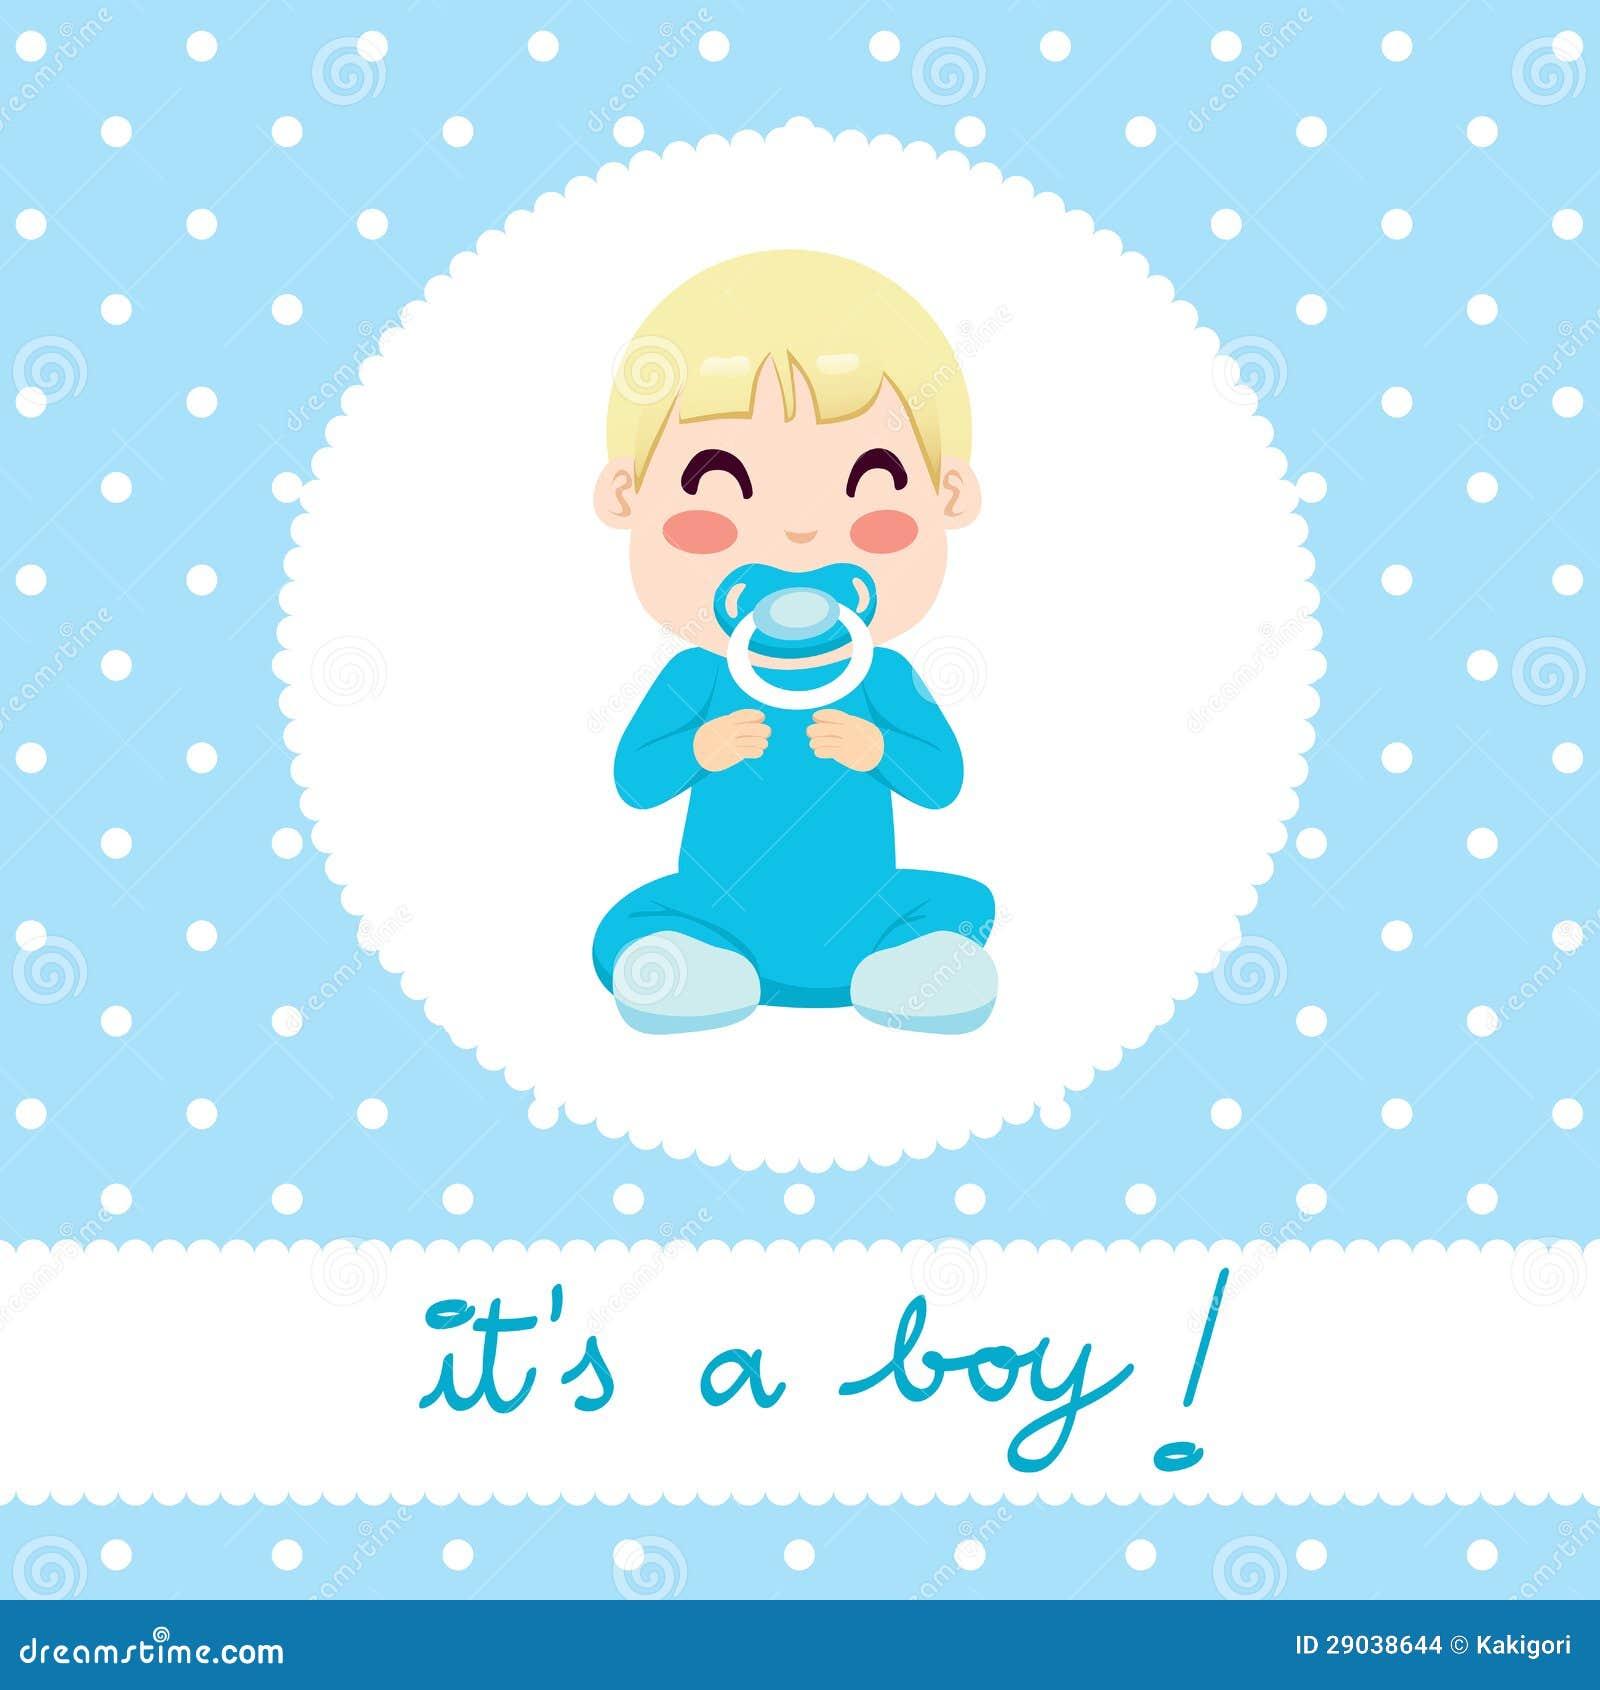 baby boy design stock vector illustration of adorable 29038644. Black Bedroom Furniture Sets. Home Design Ideas